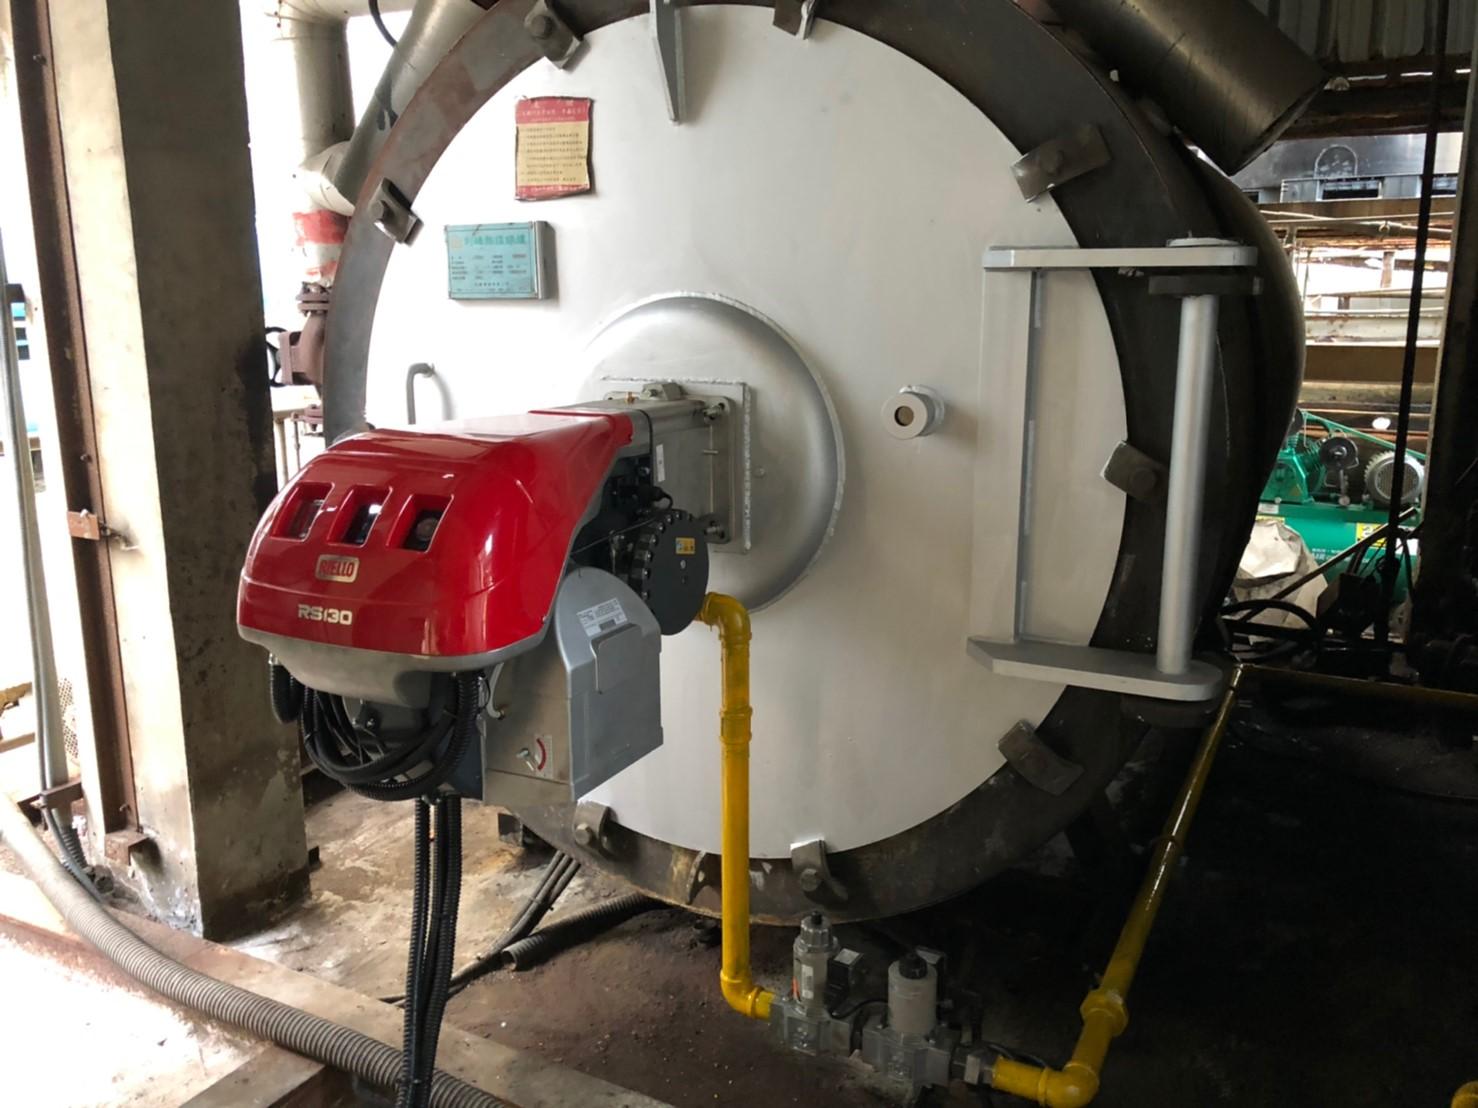 裝設一體式比例調節瓦斯燃燒機,充分考量現場環境限制及使用需求。